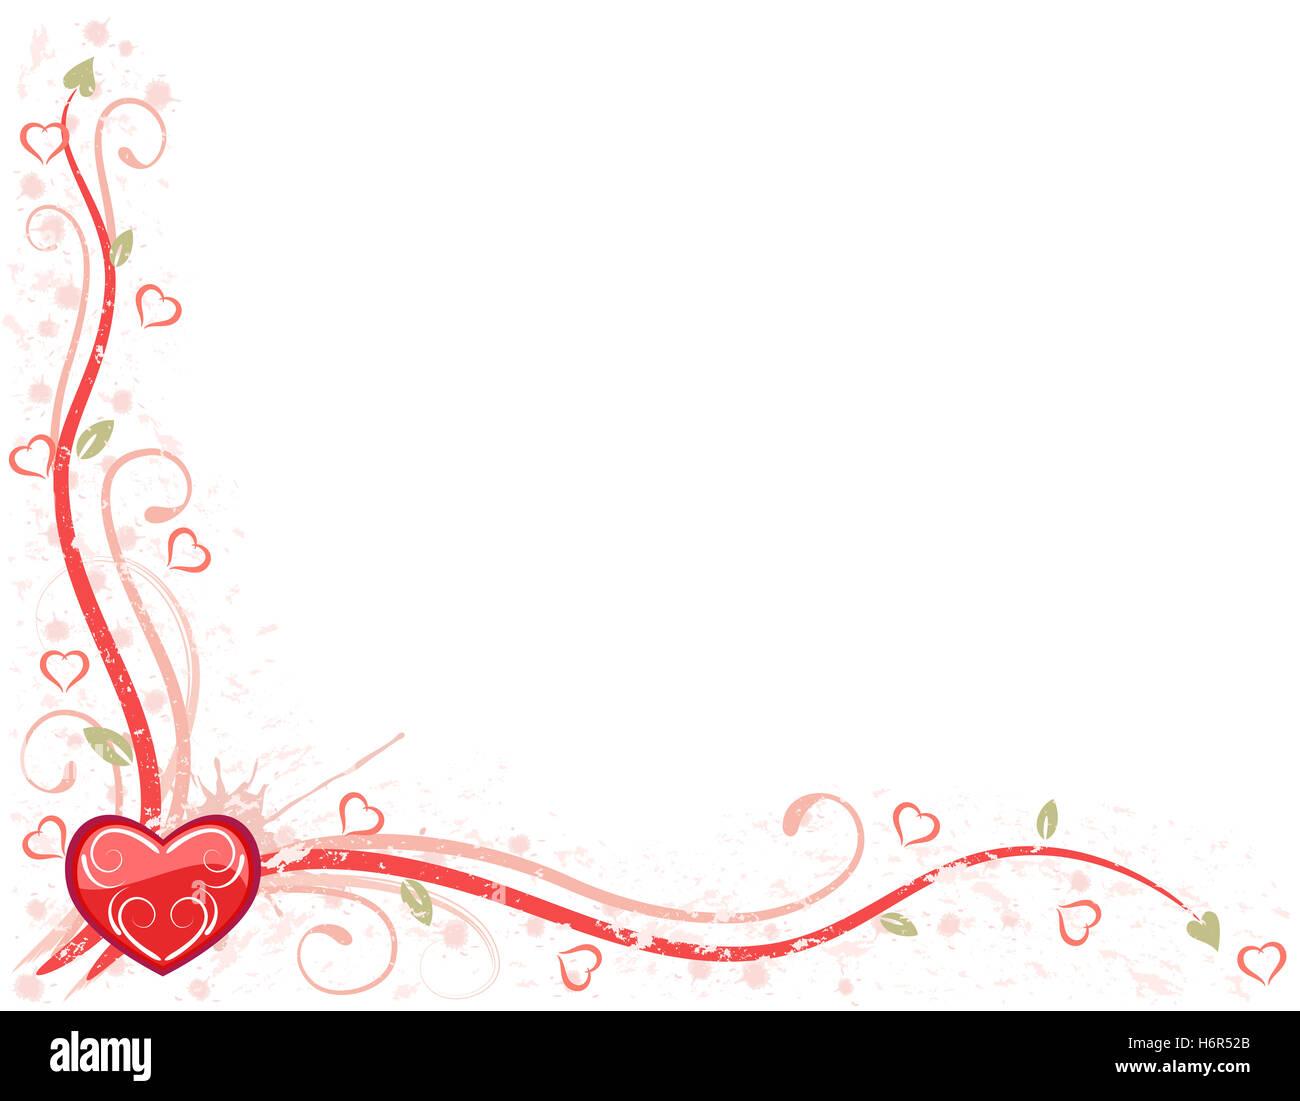 Karte Schreiben Romantik Liebe Verliebt Verliebte Sich In Liebe Herz Party  Feiern Valentinstag Während Die Tages Karte Brief Nachricht Romantik